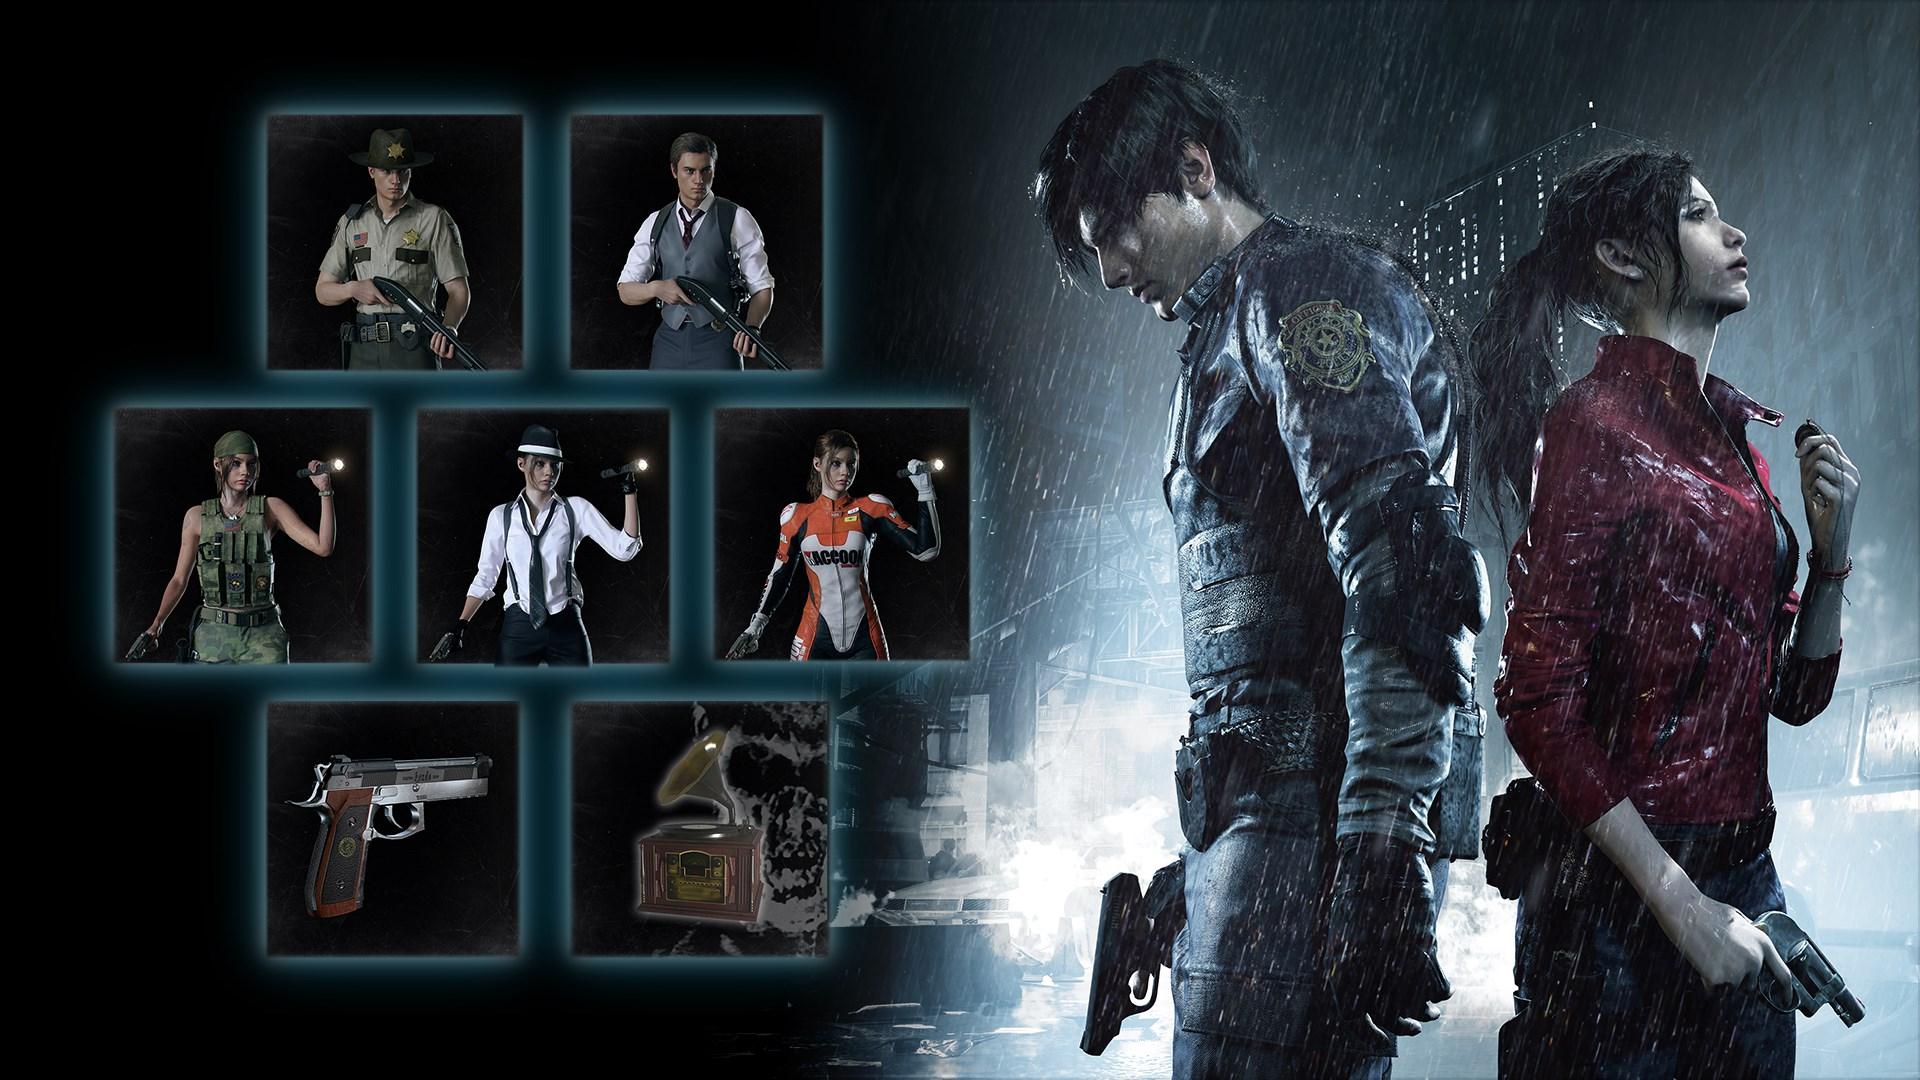 Buy Resident Evil 2 Extra Dlc Pack Microsoft Store En In